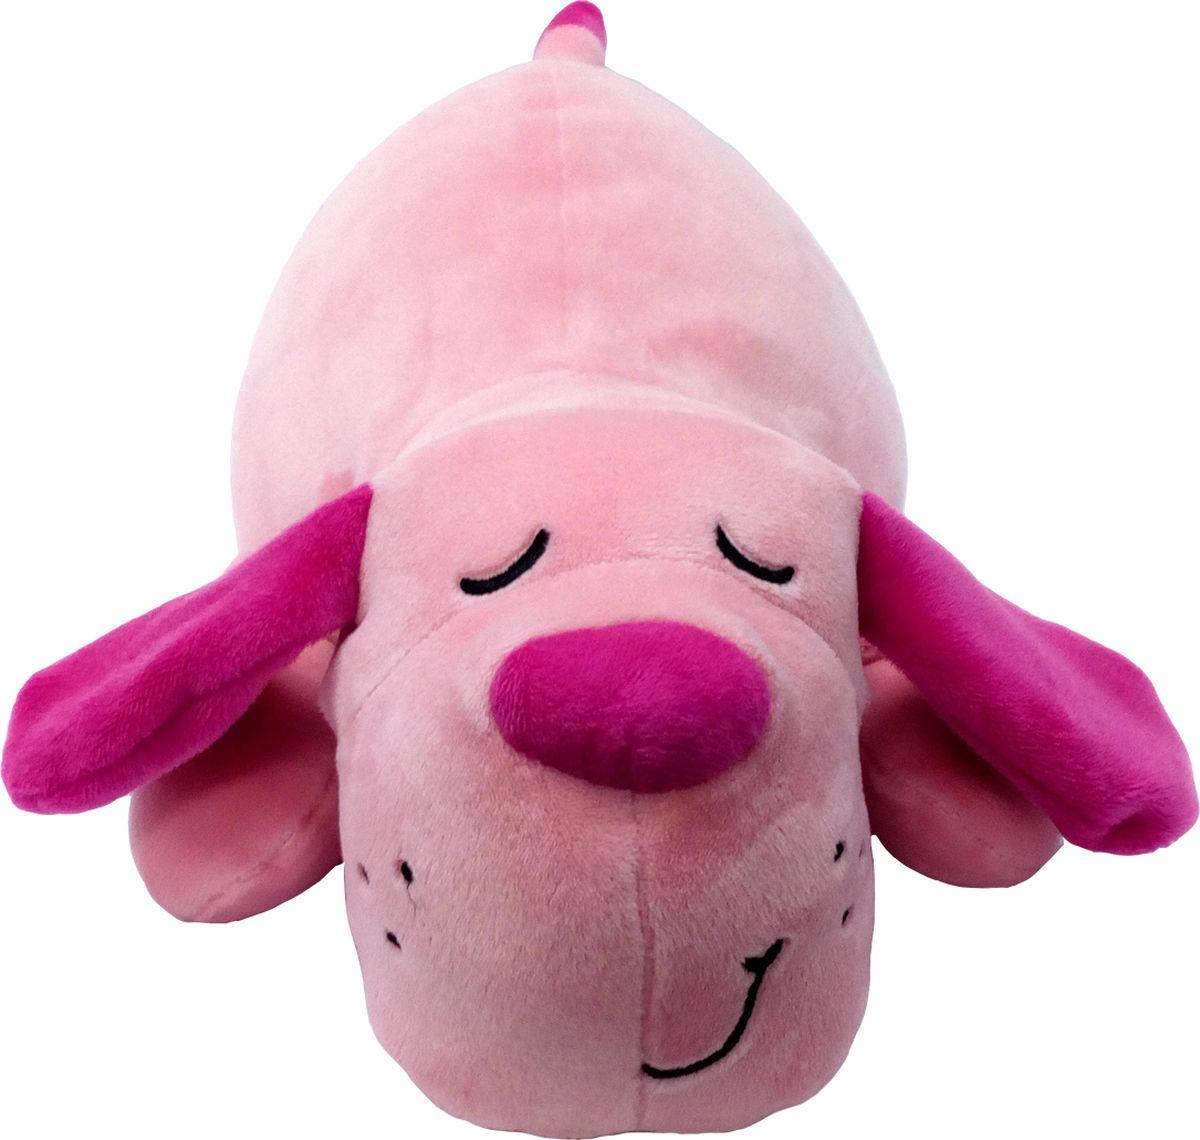 Мягкая игрушка СмолТойс Собачка Лежебока длина 25 см розовый мягкие игрушки смолтойс медвежонок лежебока